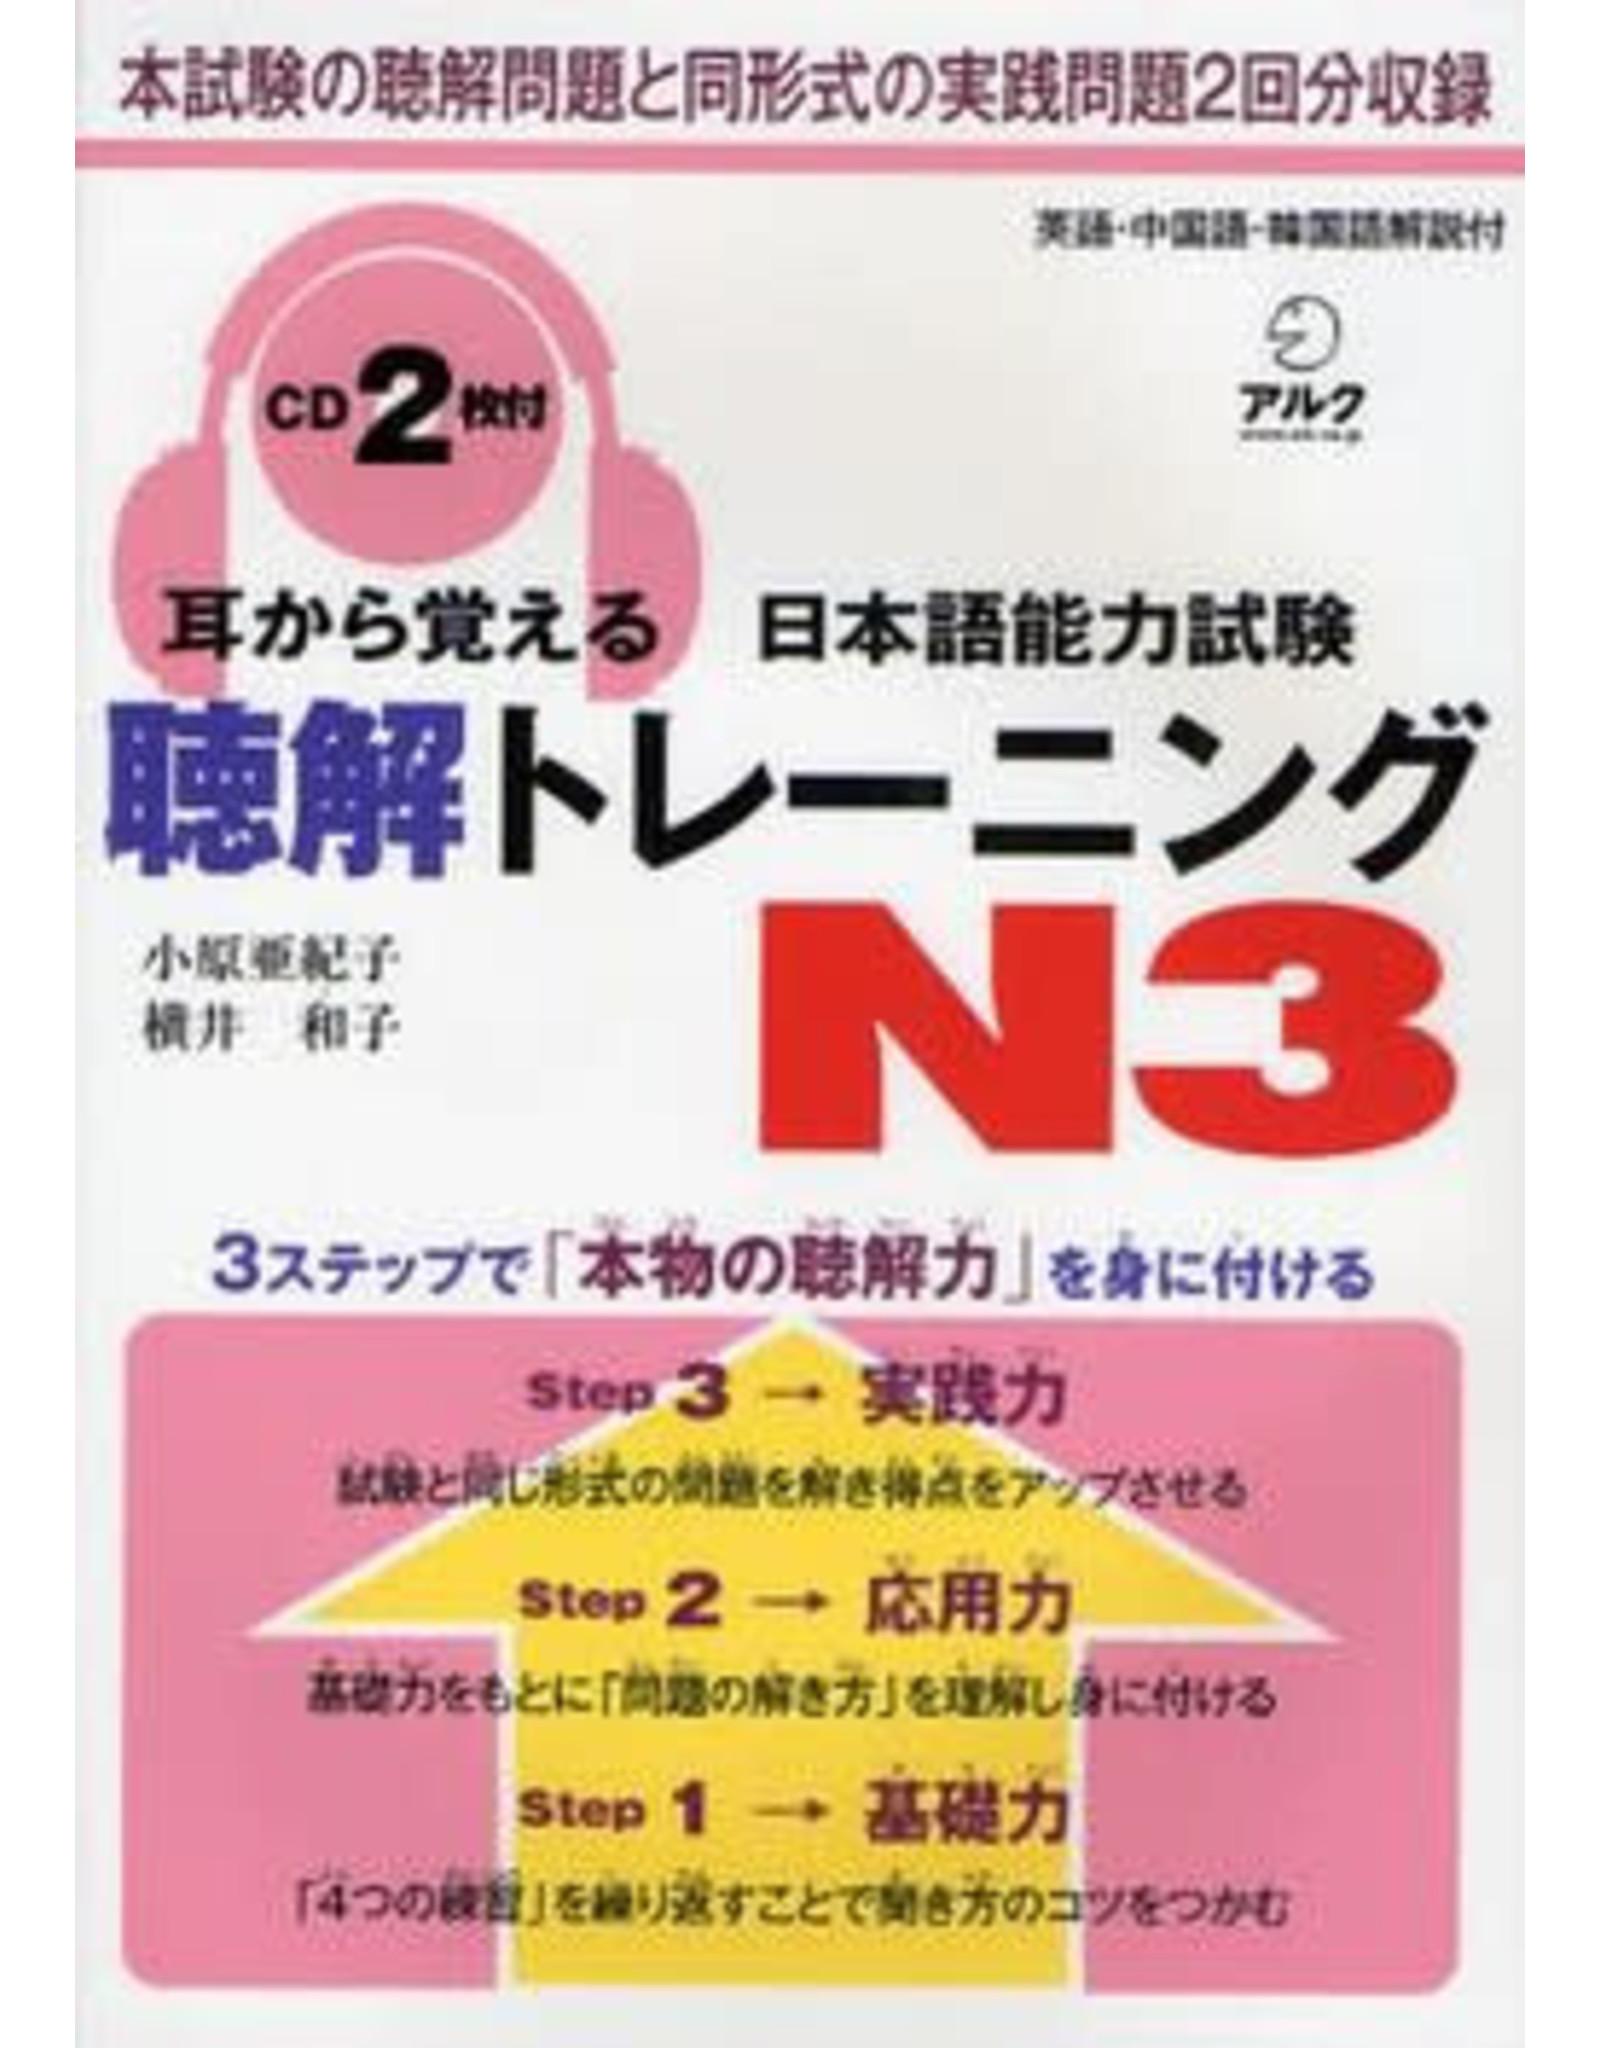 ALC MIMI KARA OBOERU JLPT CHOKAI TRAINING N3 W/ CD